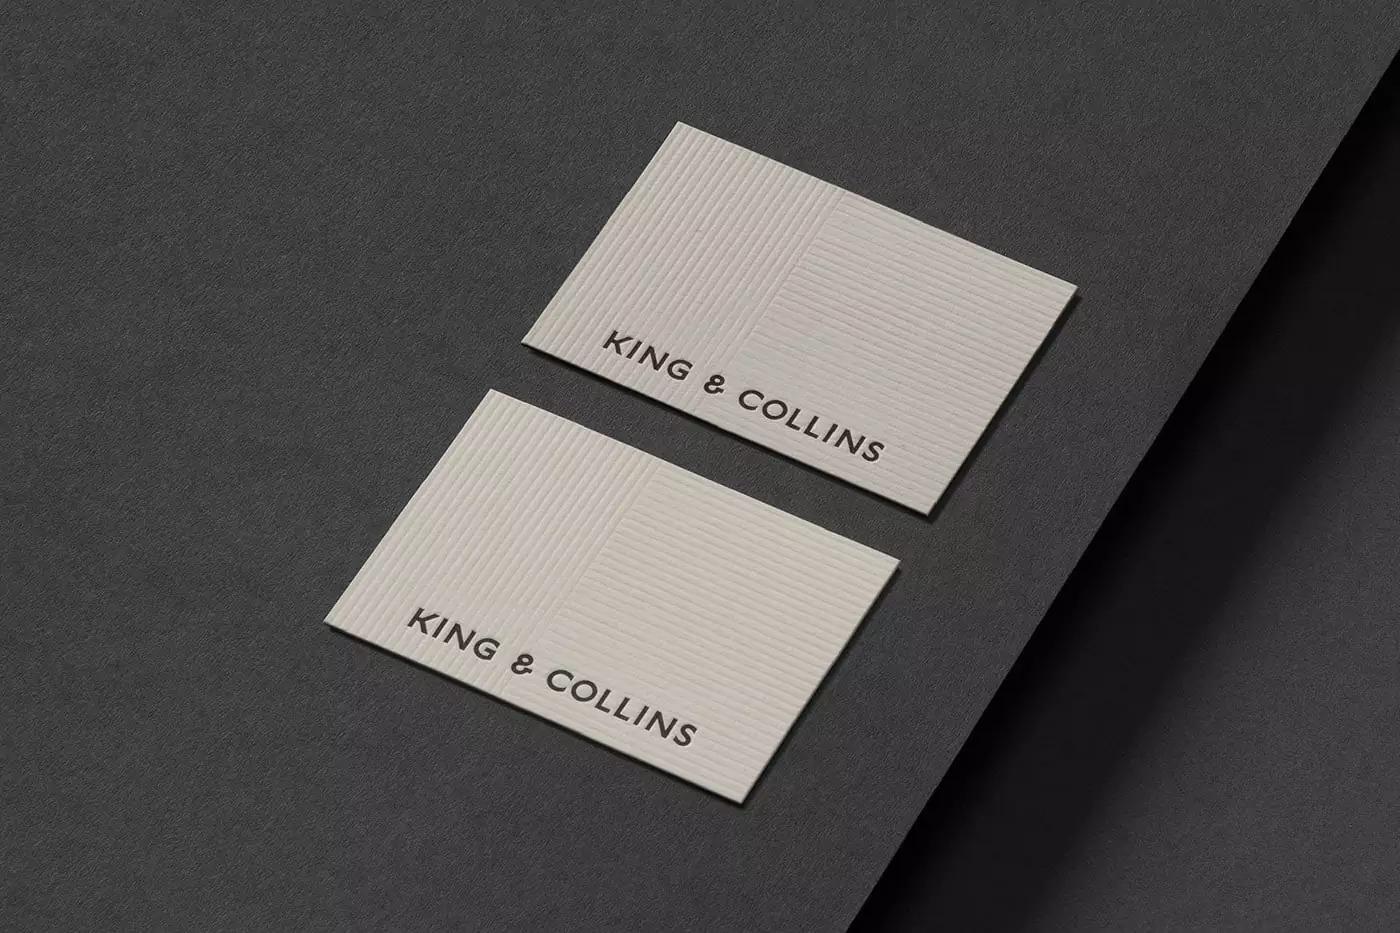 律师事务所King&Collins品牌视觉设计